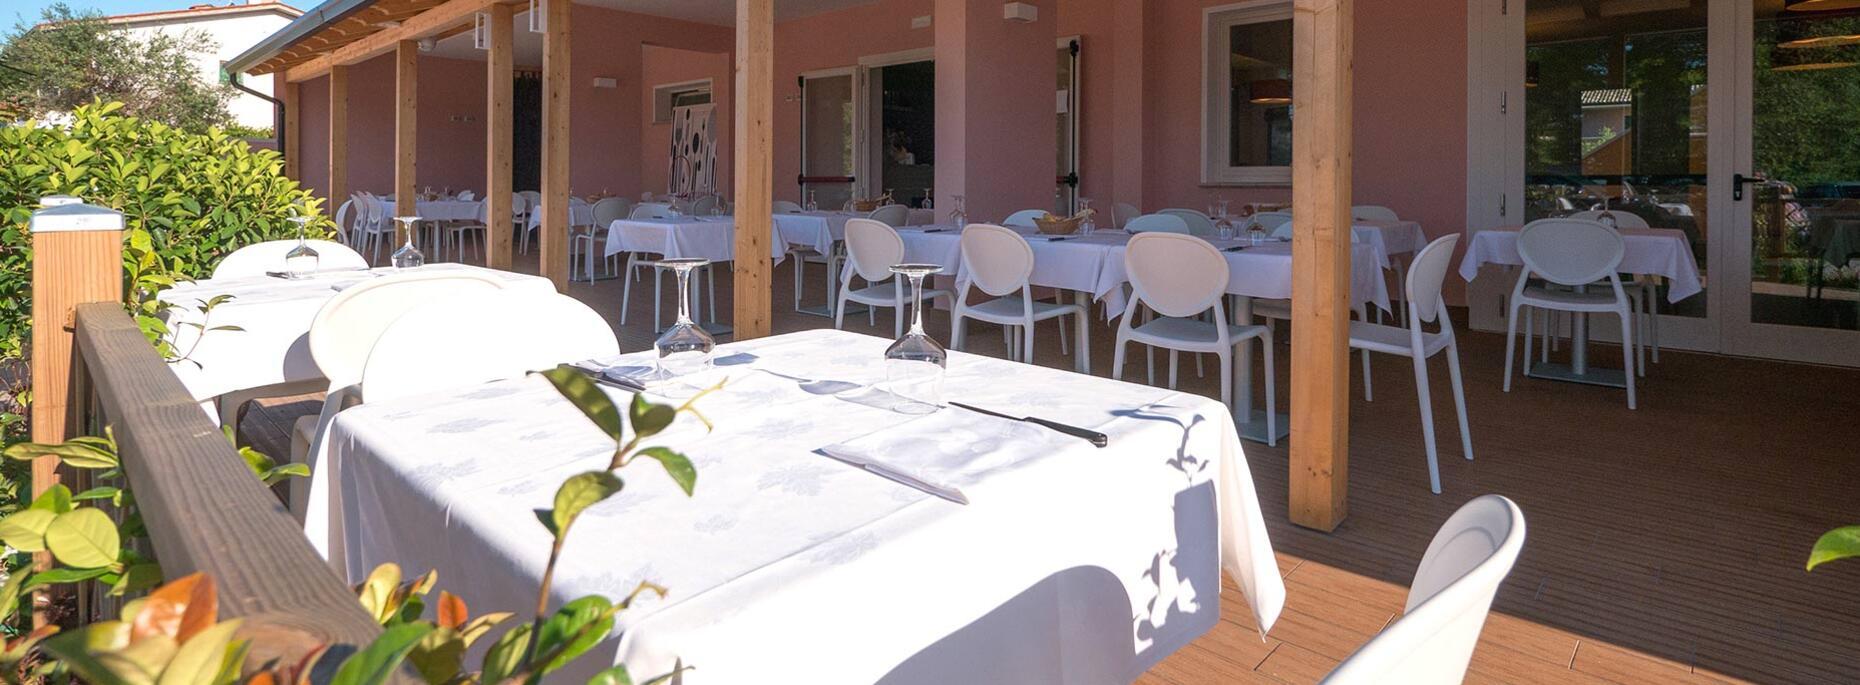 pomposaresidence it ristorante 004